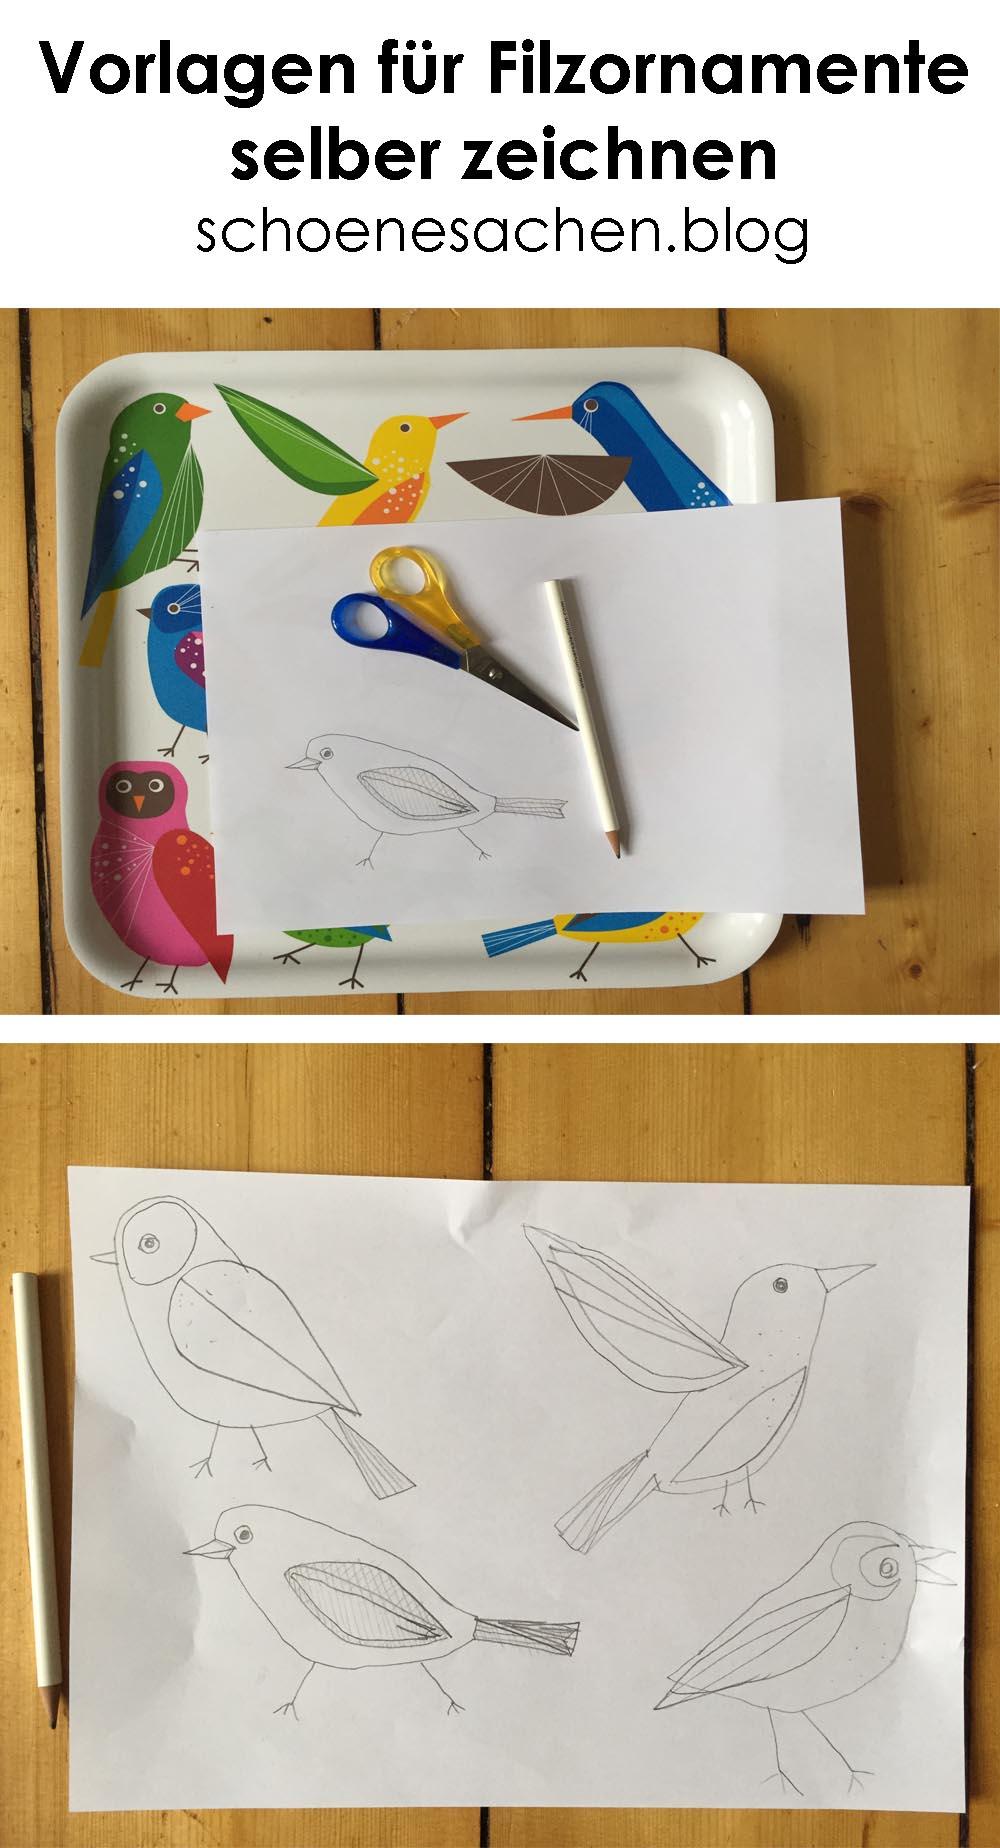 schöne Filz Ornamente, Ornamente aus Filz nähen, schöne Dekoration aus Filz nähen, Schnittmuster selber machen, Vögel aus farbigem Filz nähen, Schnittteile selber zeichnen,